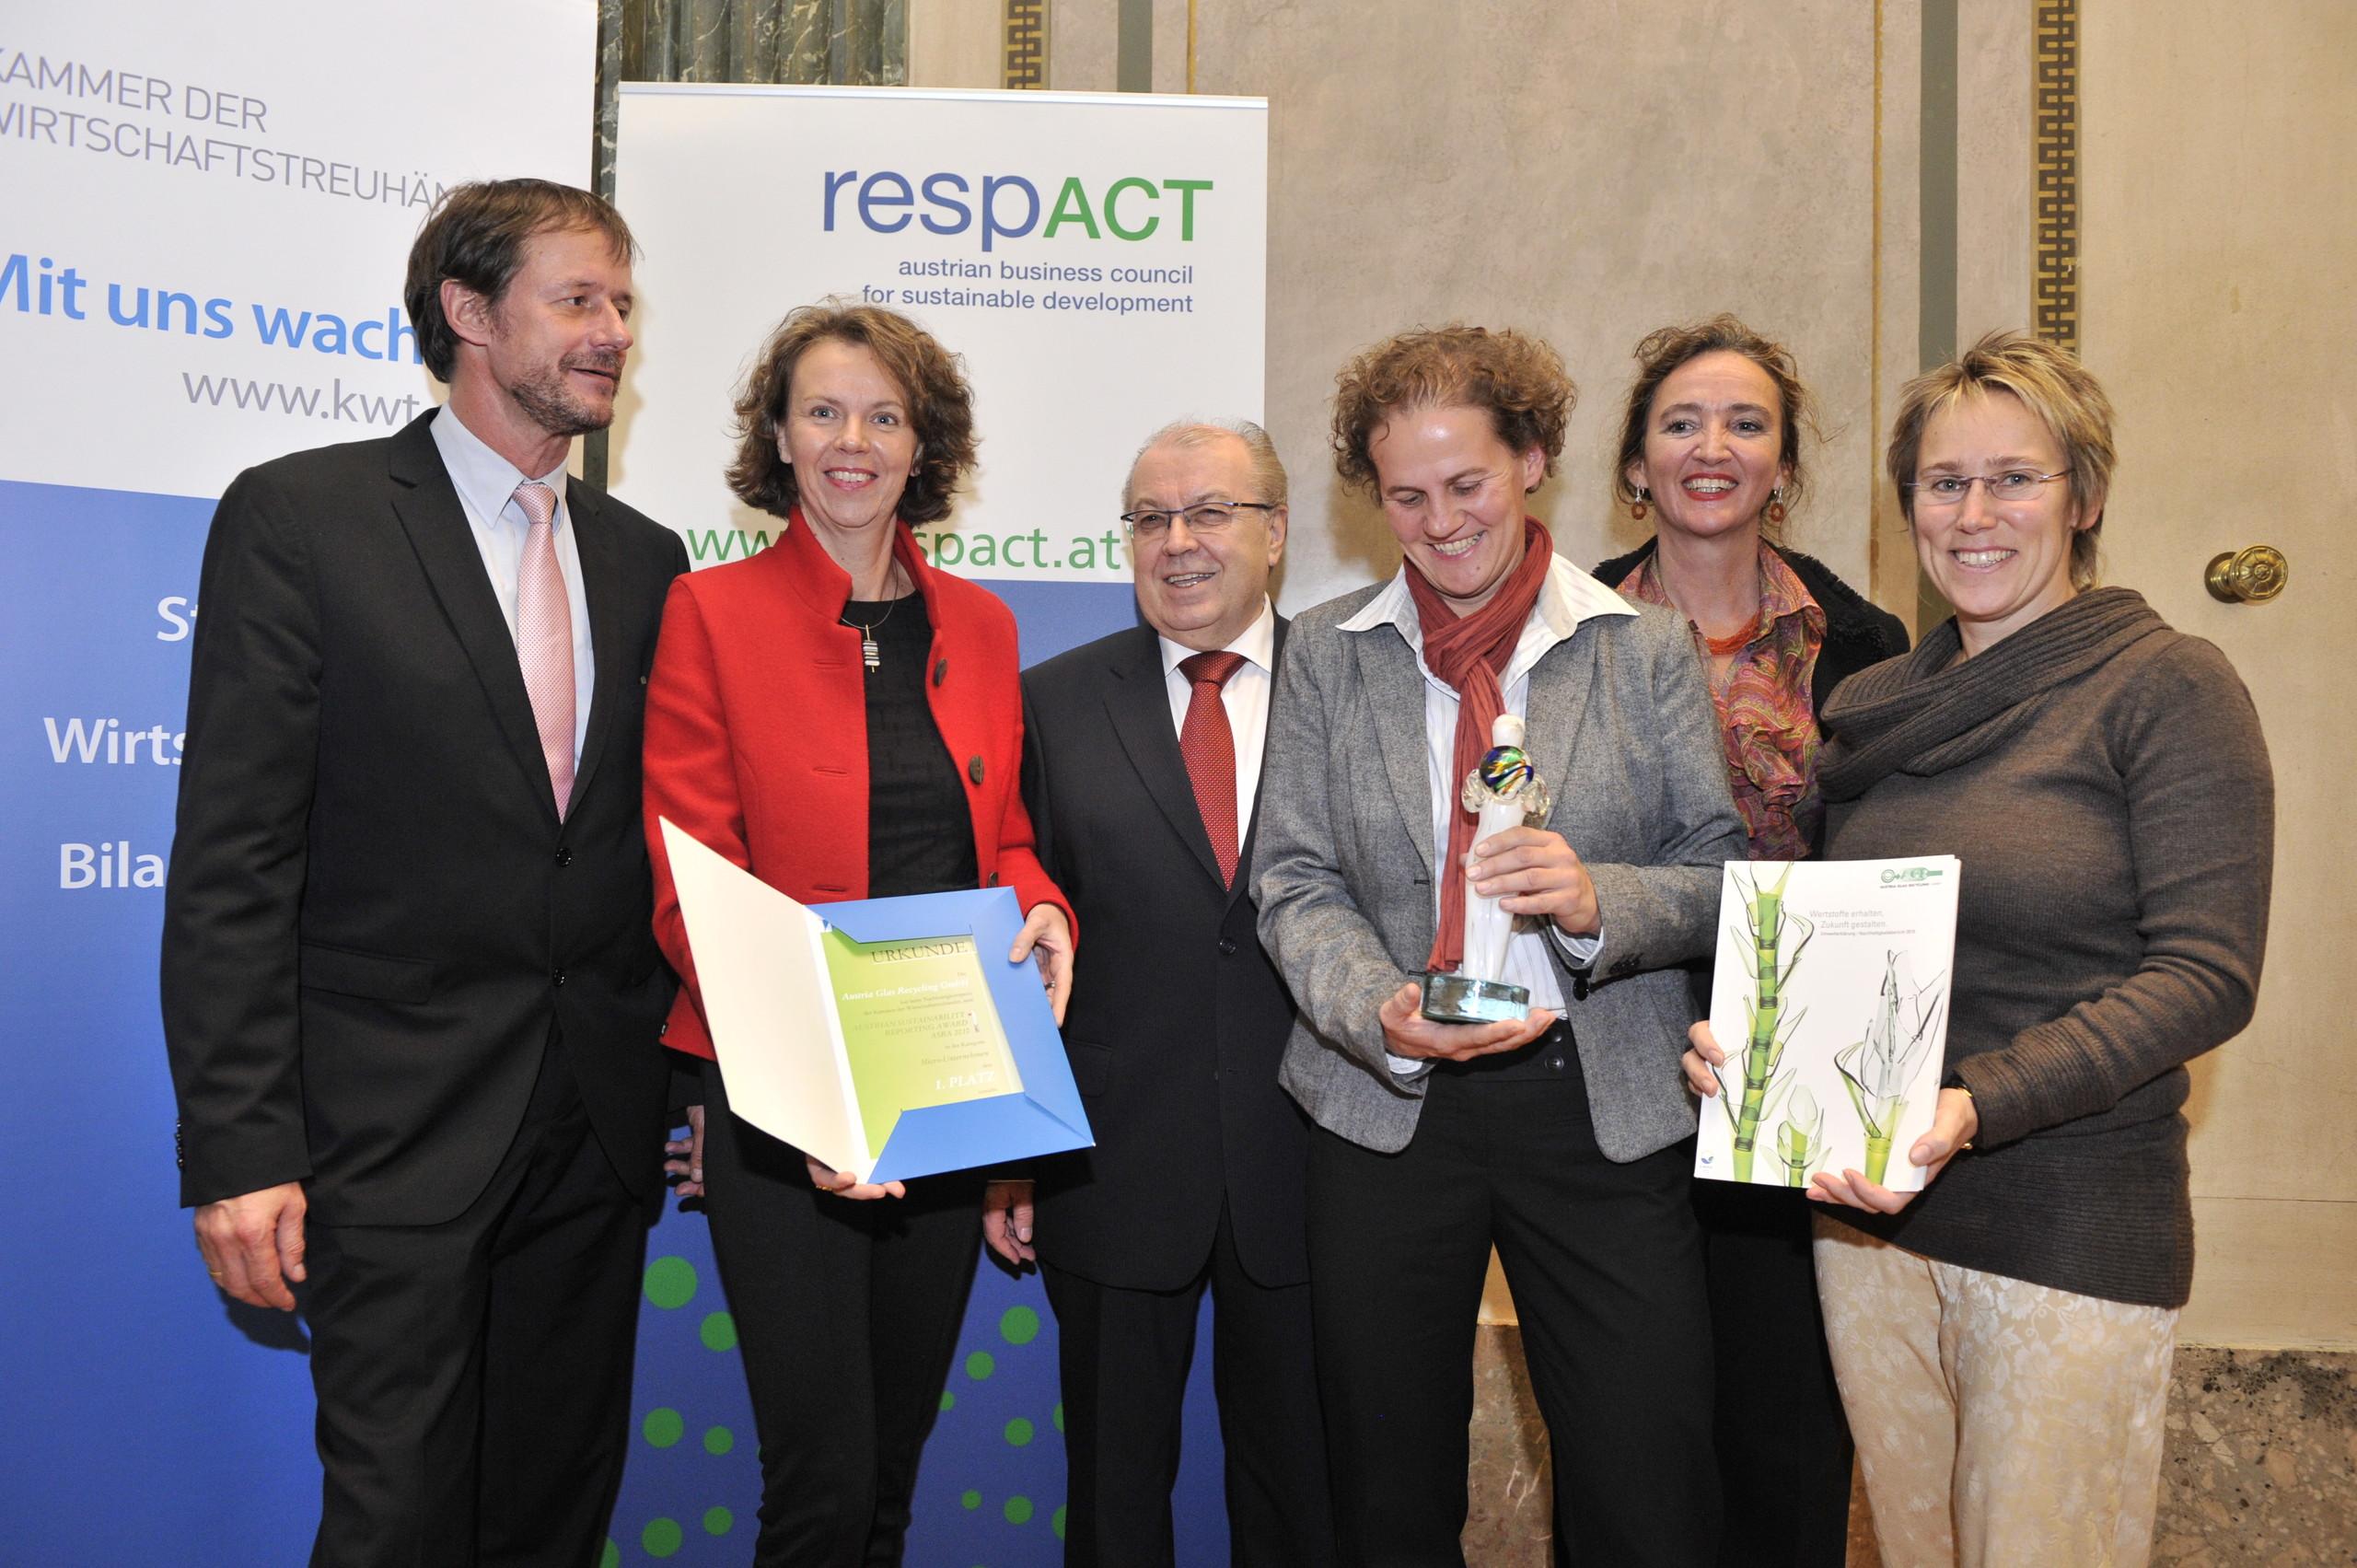 ASRA 2009 für Austria Glas Recycling, (v.l.n.r.: Dr. Christine Jasch/Jury-Vorsitzende ASRA-Preis, KR Mag. Helmut Puffer/Vizepräsident der Kammer der Wirtschaftstreuhänder, DI Ursula Gangel/AGR, Sabine Czopka-Pistora/AGR, Monika Piber-Maslo/AGR, Dr. Hay